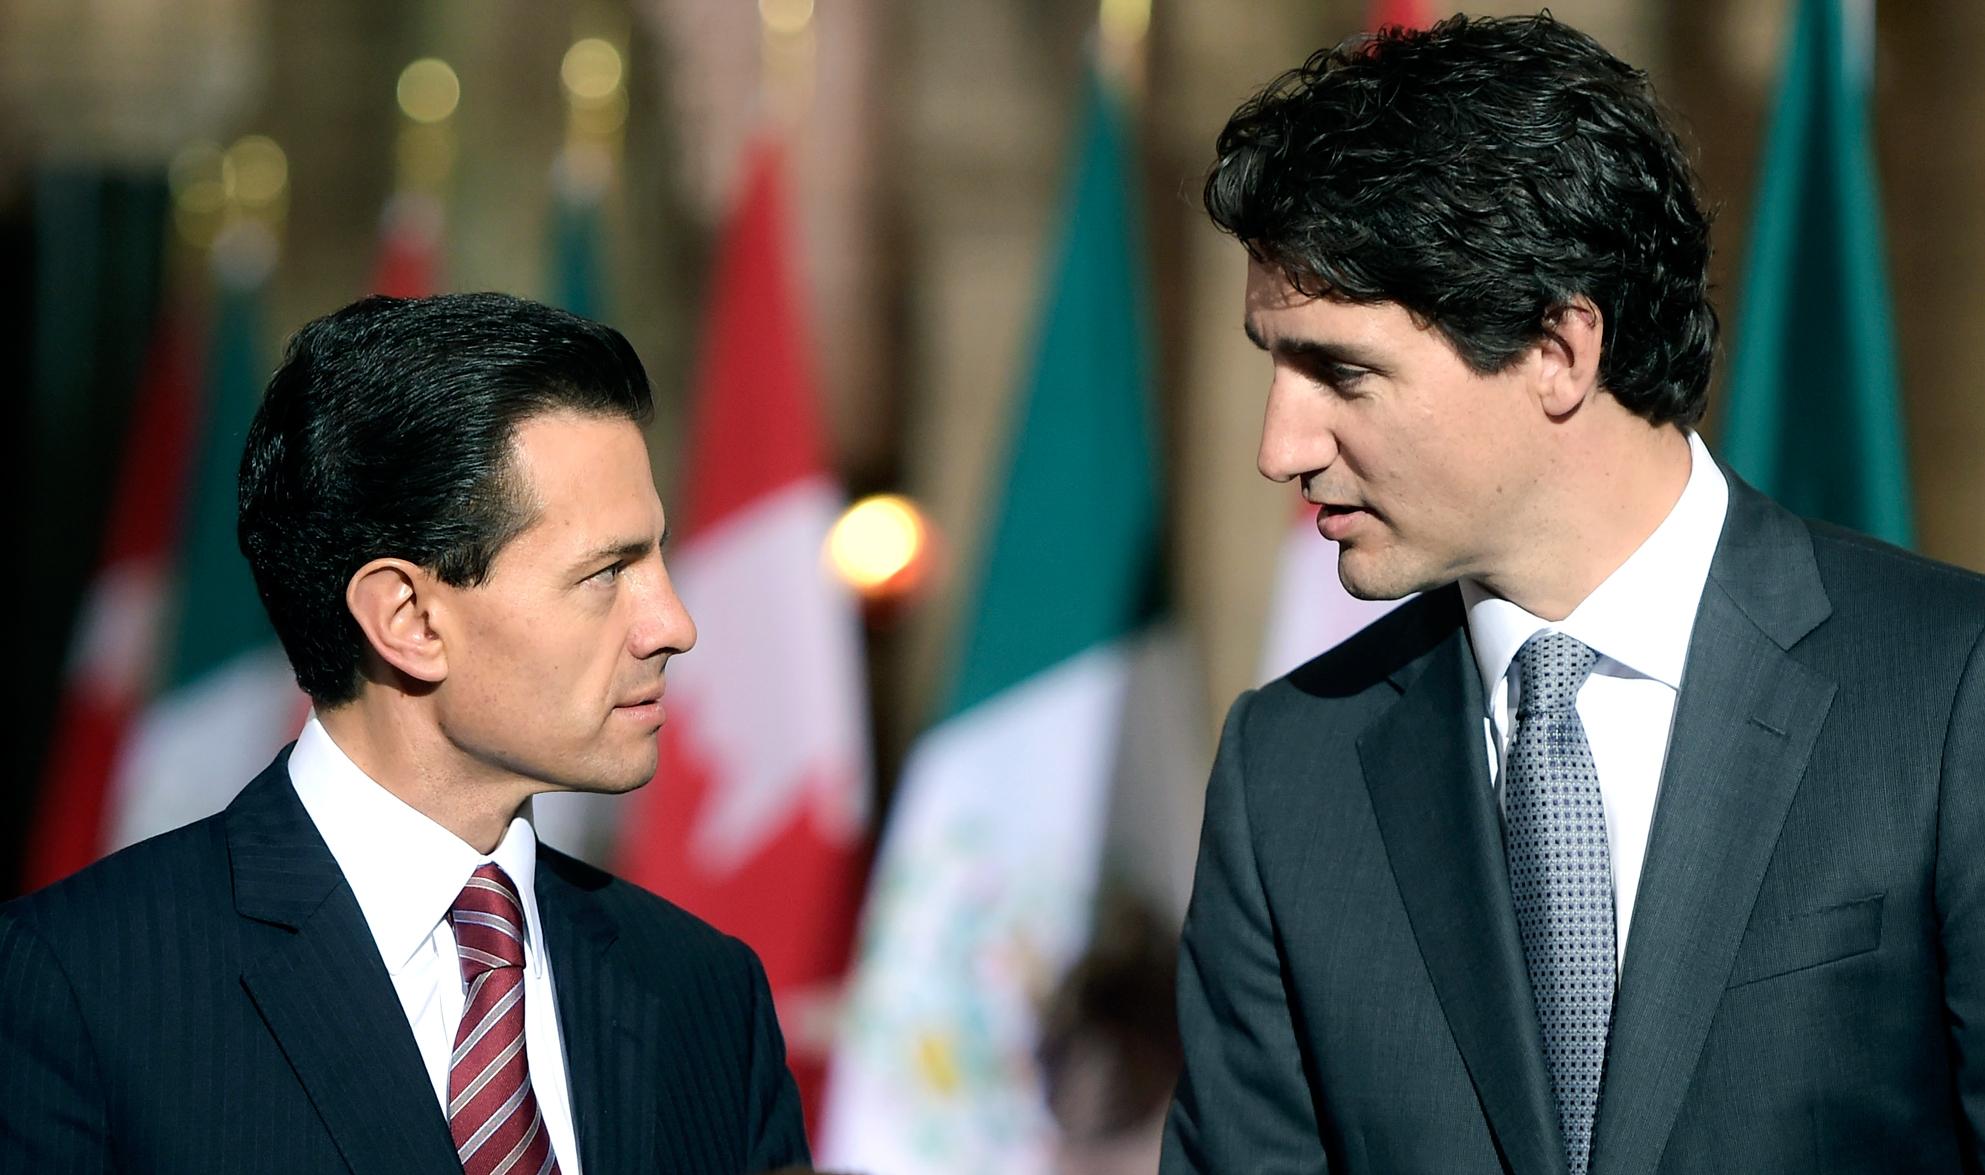 Las solicitudes de refugio de mexicanos se disparan tras la eliminación de la visa